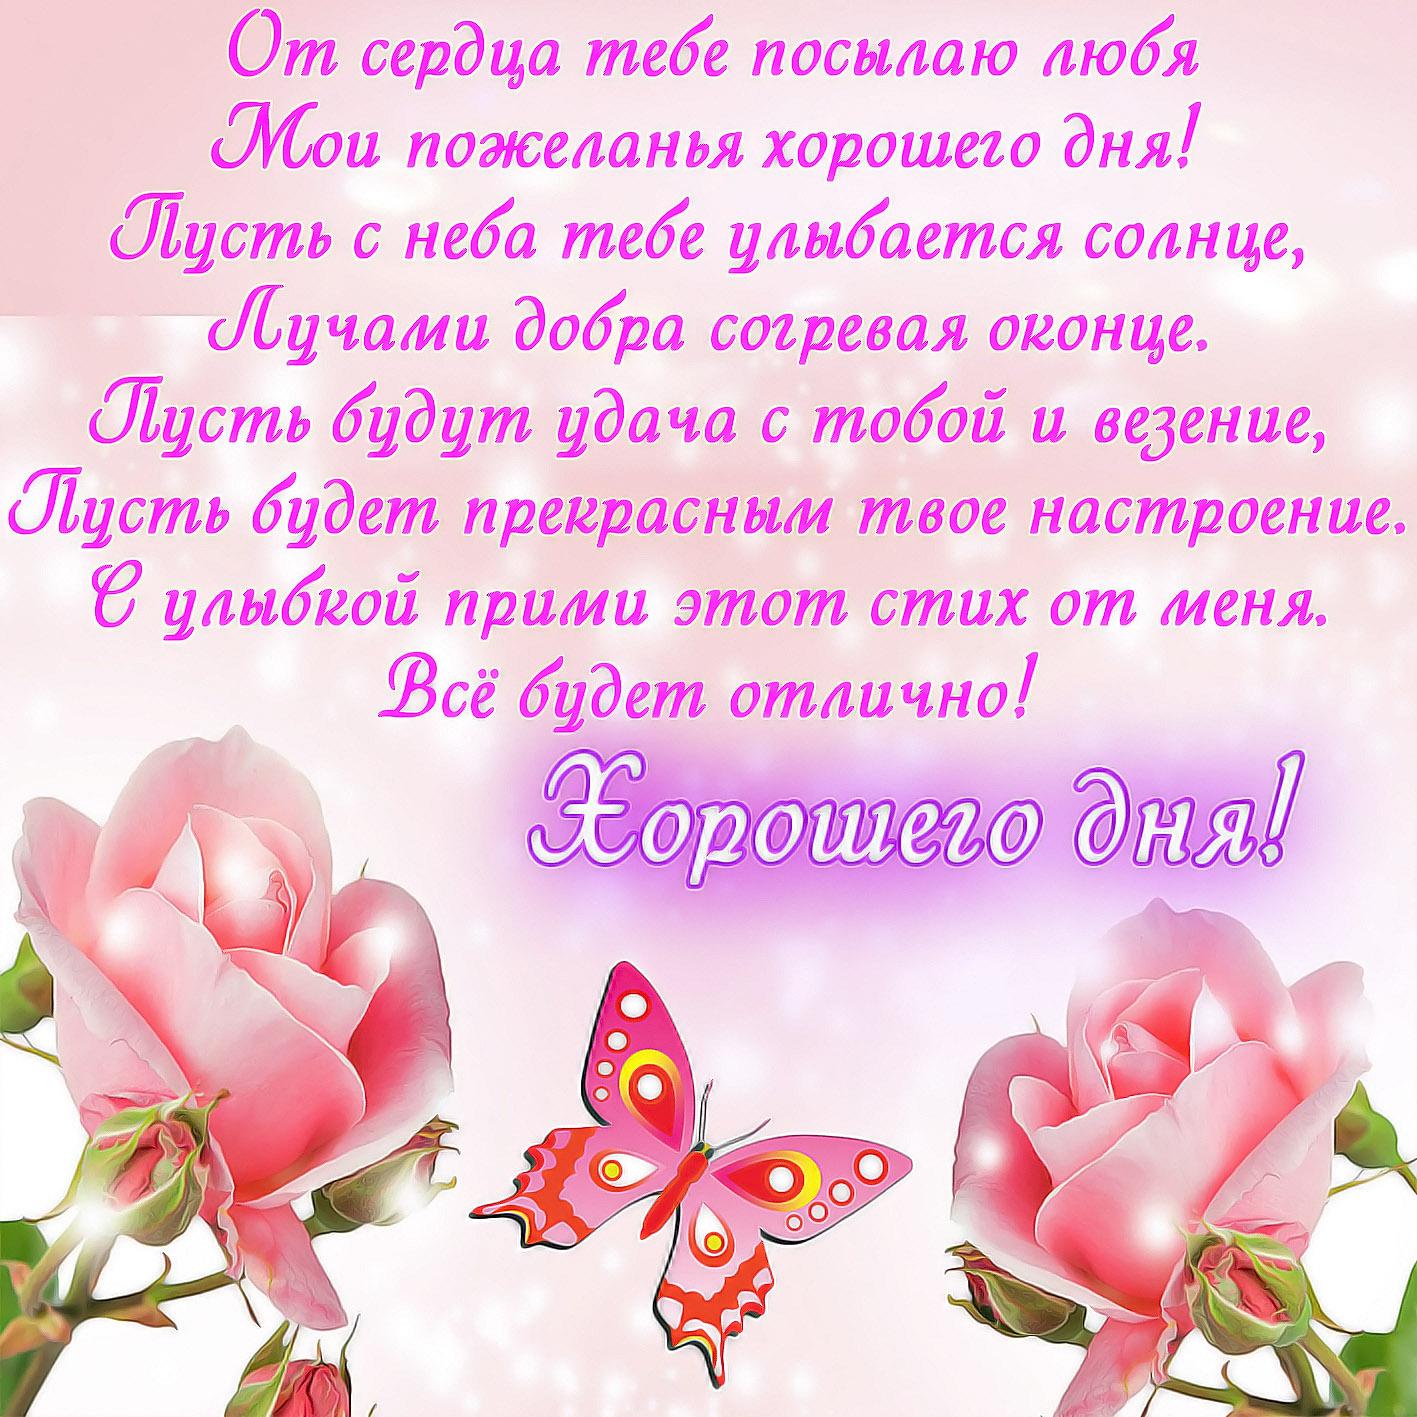 Пожеланием выздоровление, поздравительную открытку для женщины с добрым днем